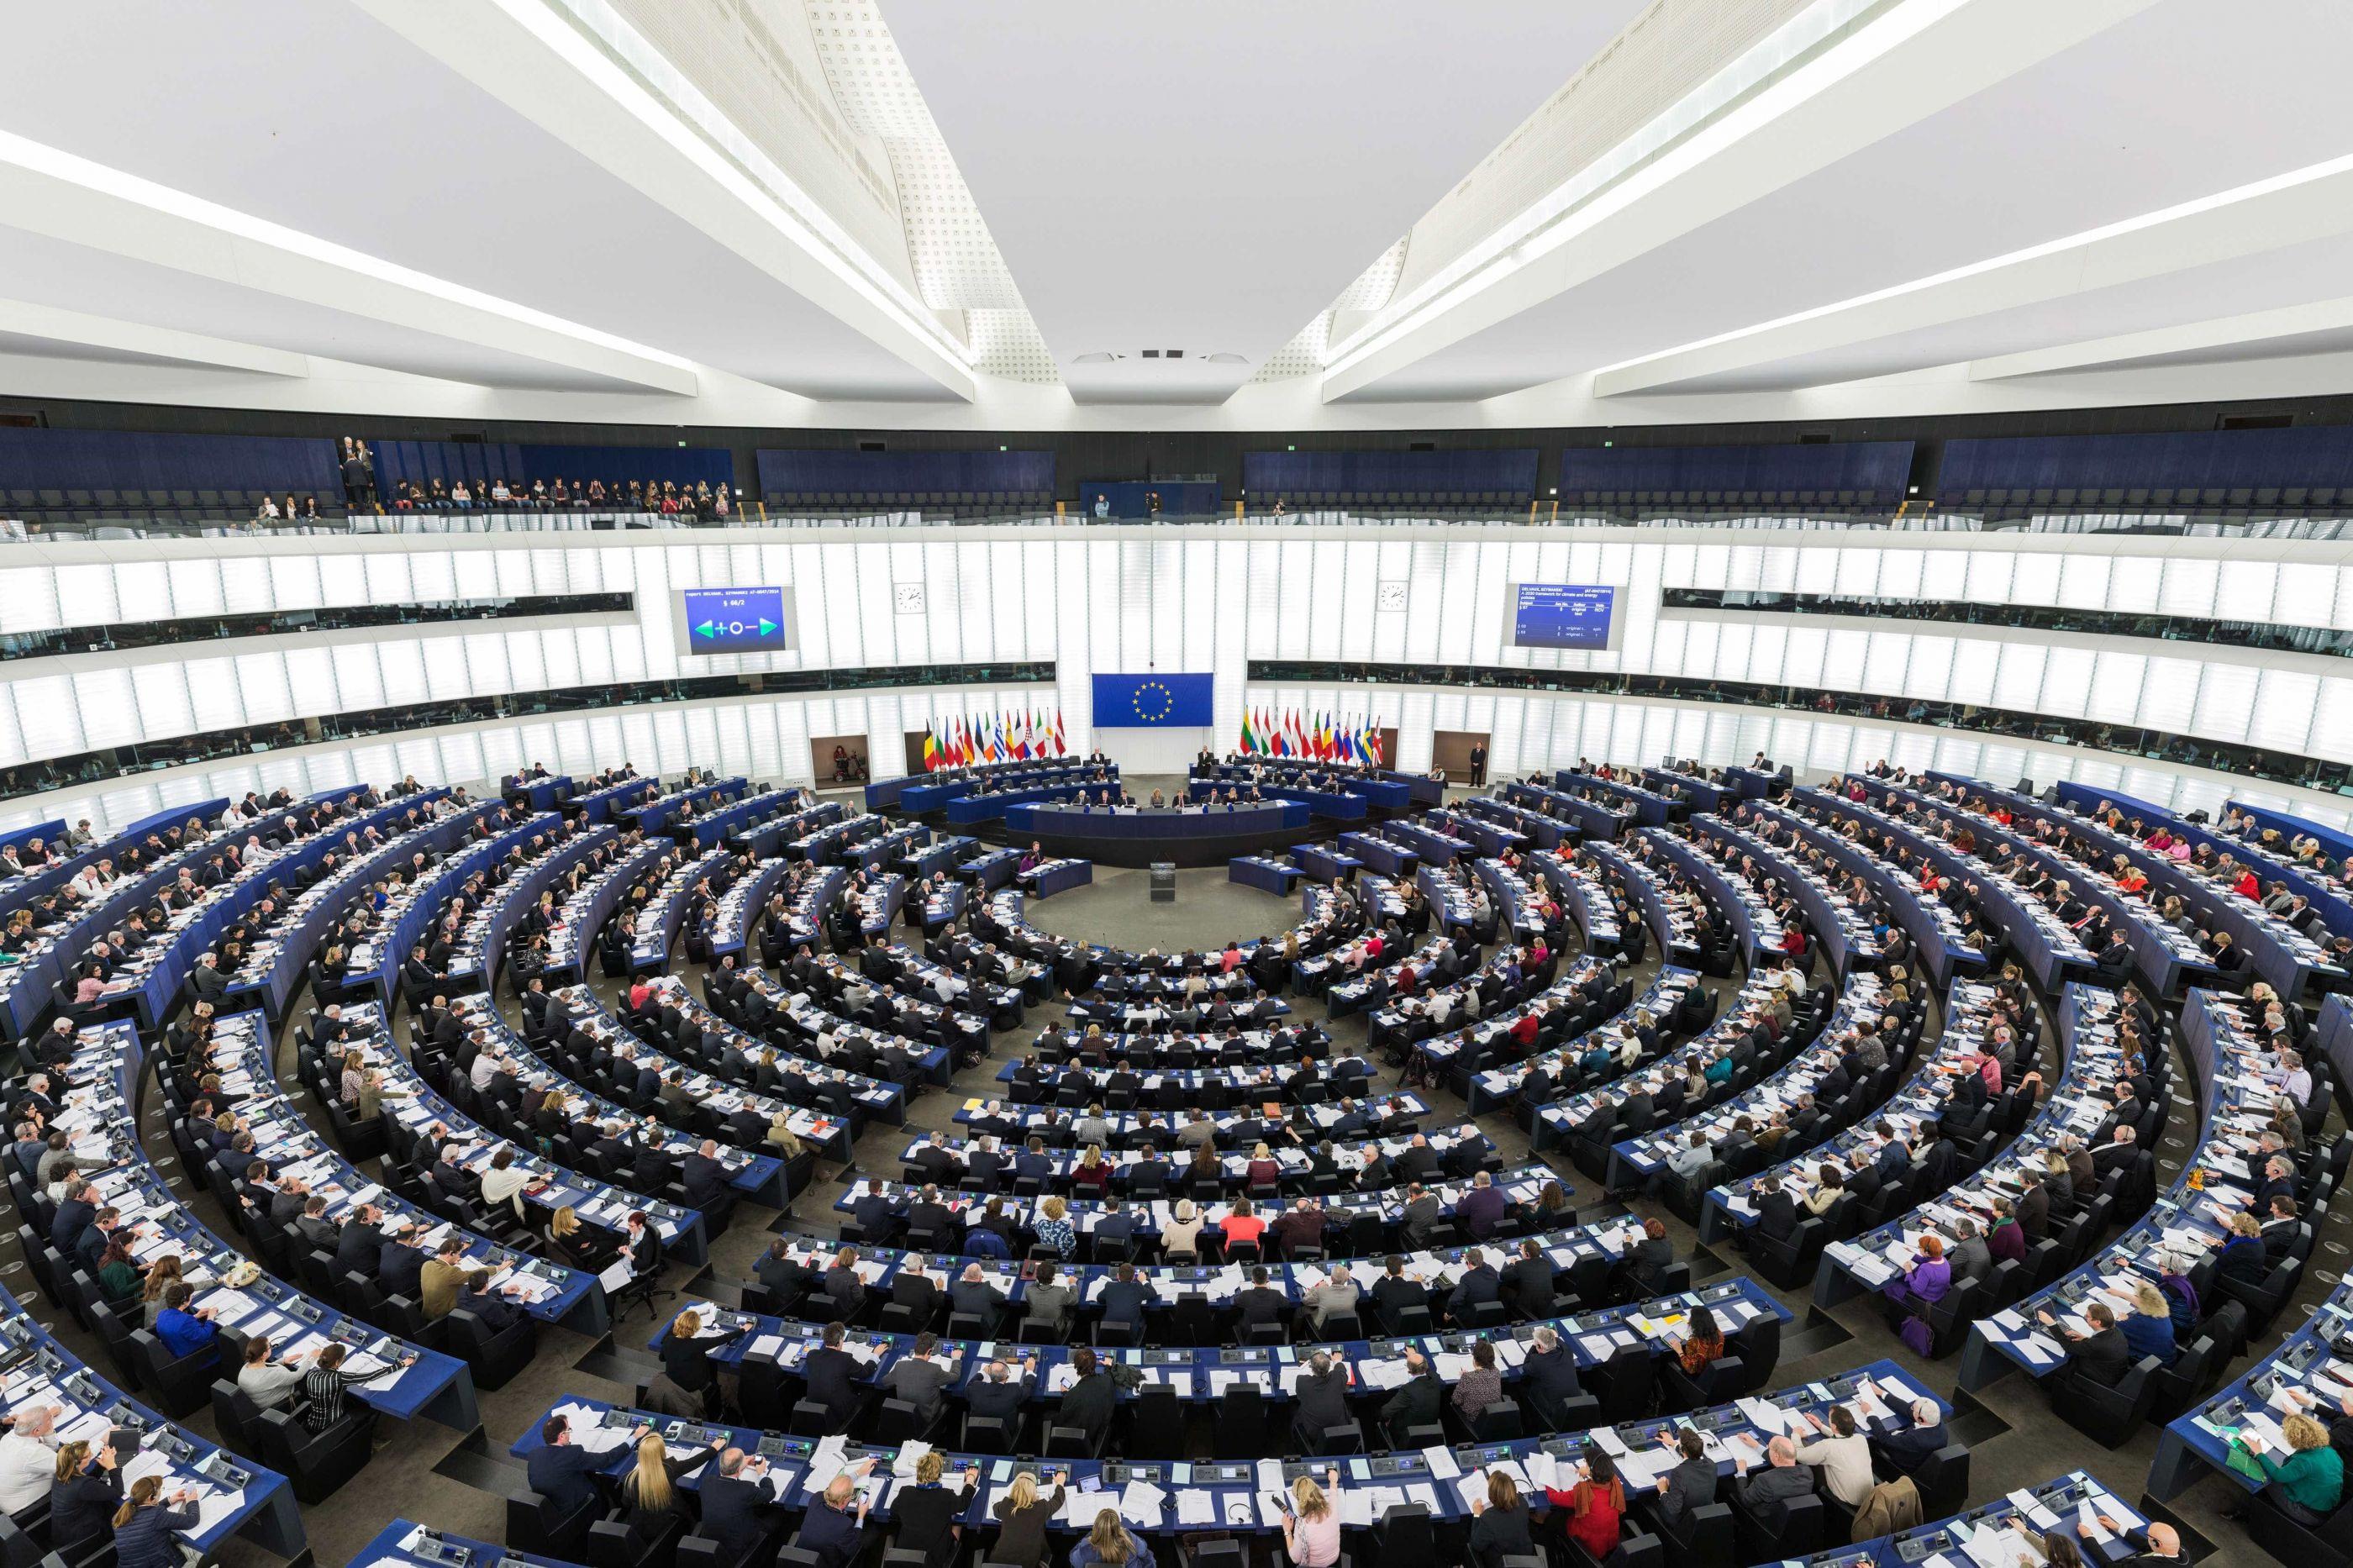 Eurodeputados confiantes que há margem para melhorar cortes nos fundos